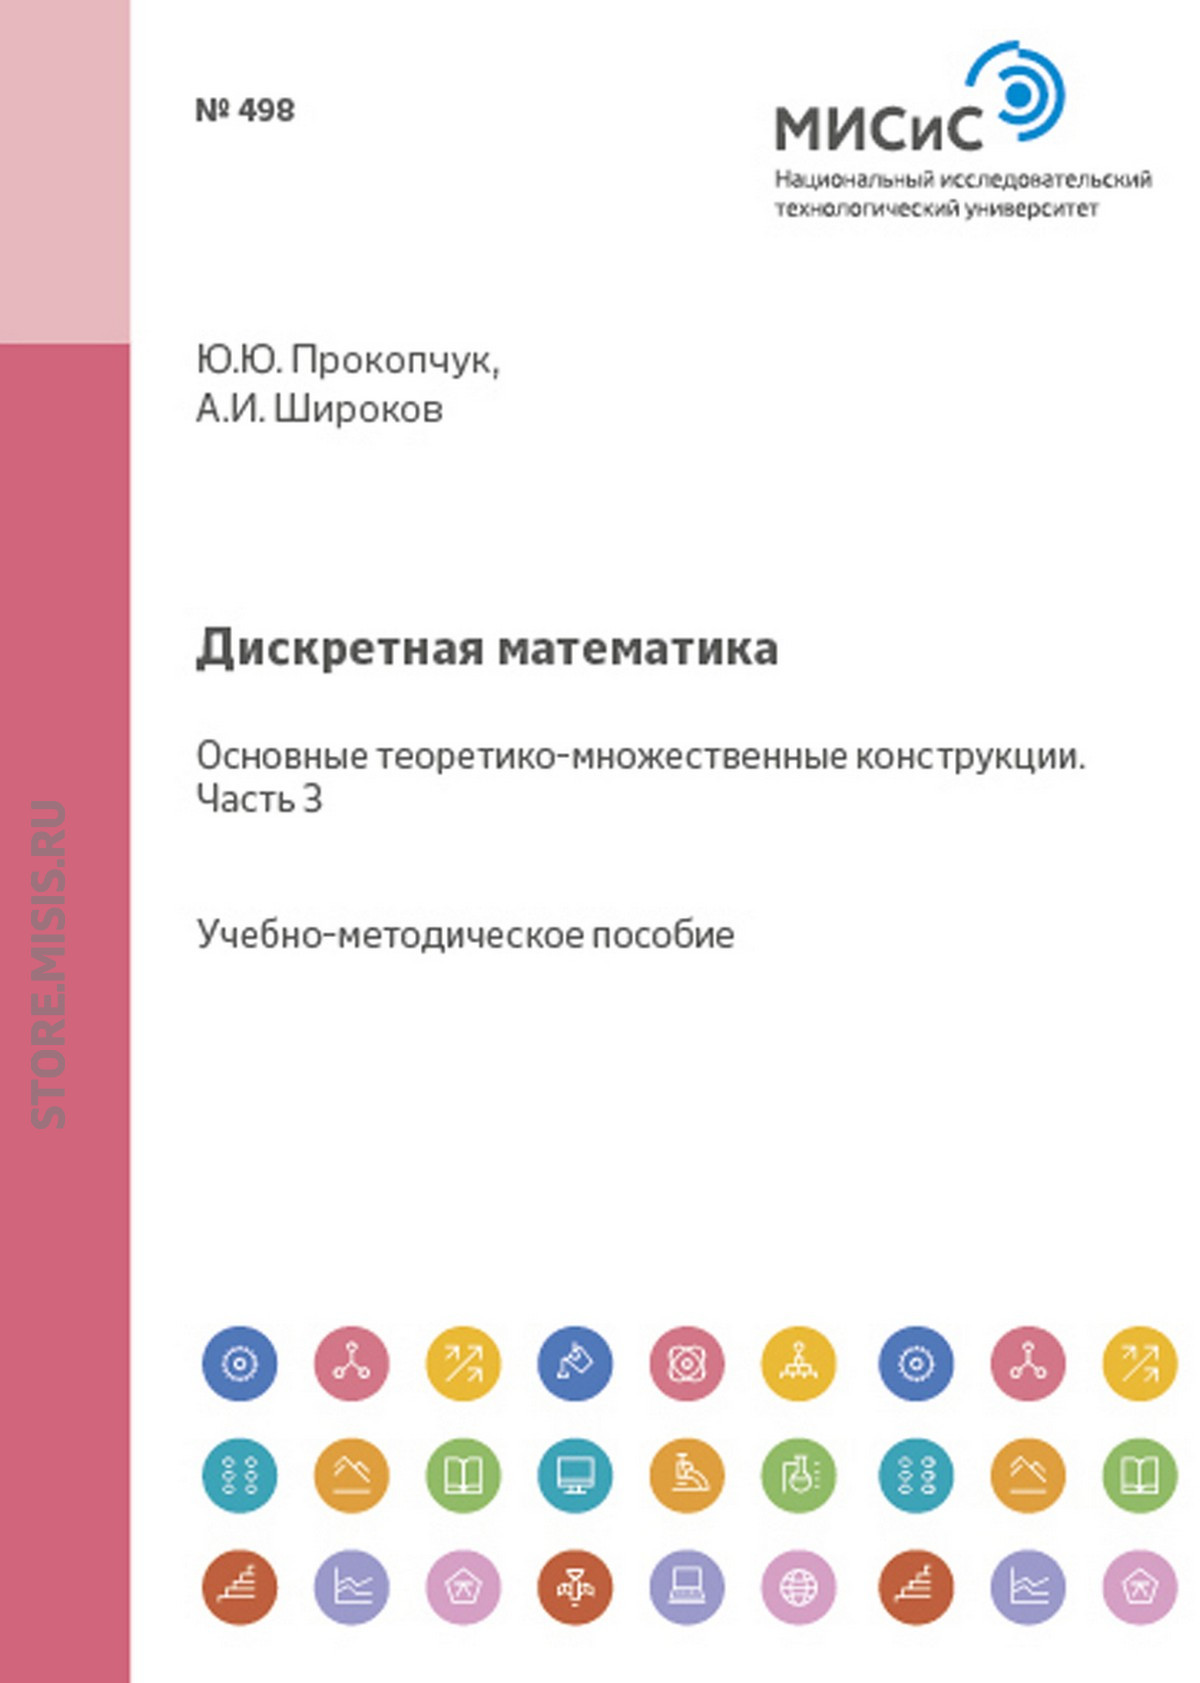 Андрей Широков Дискретная математика. Основные теоретико-множественные конструкции. Часть III